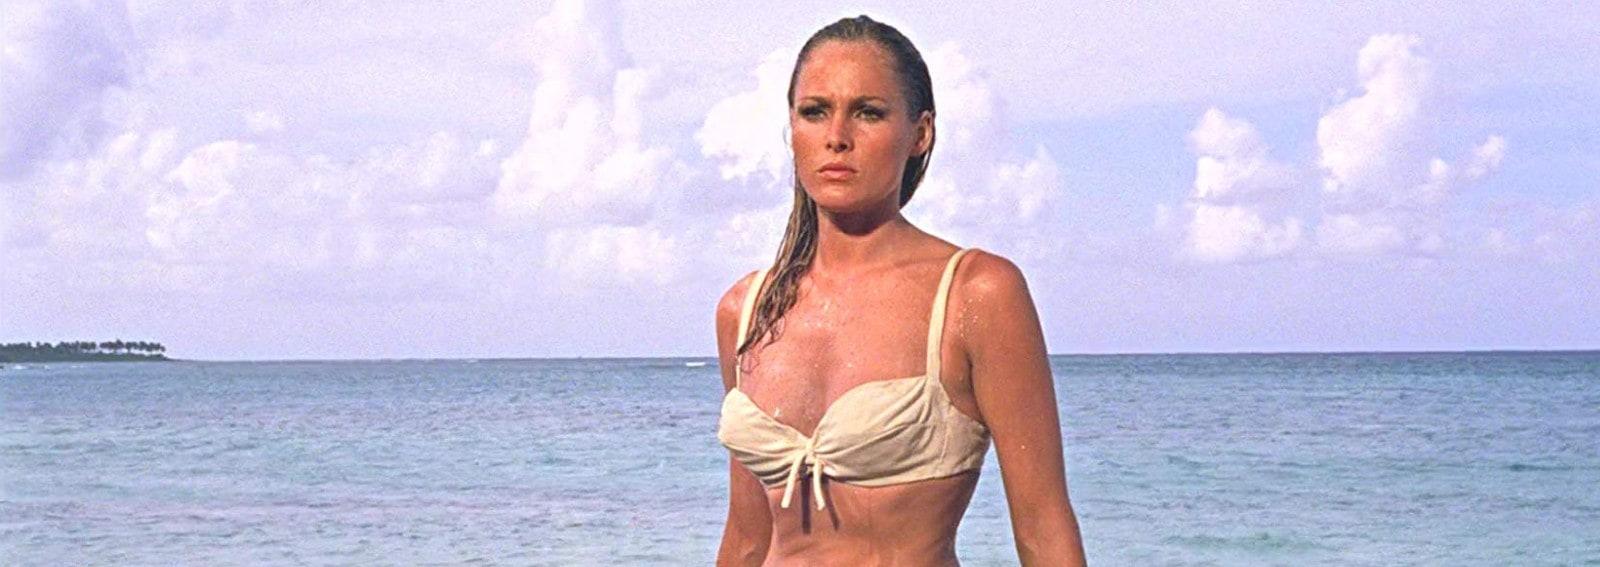 bikini james bond hero